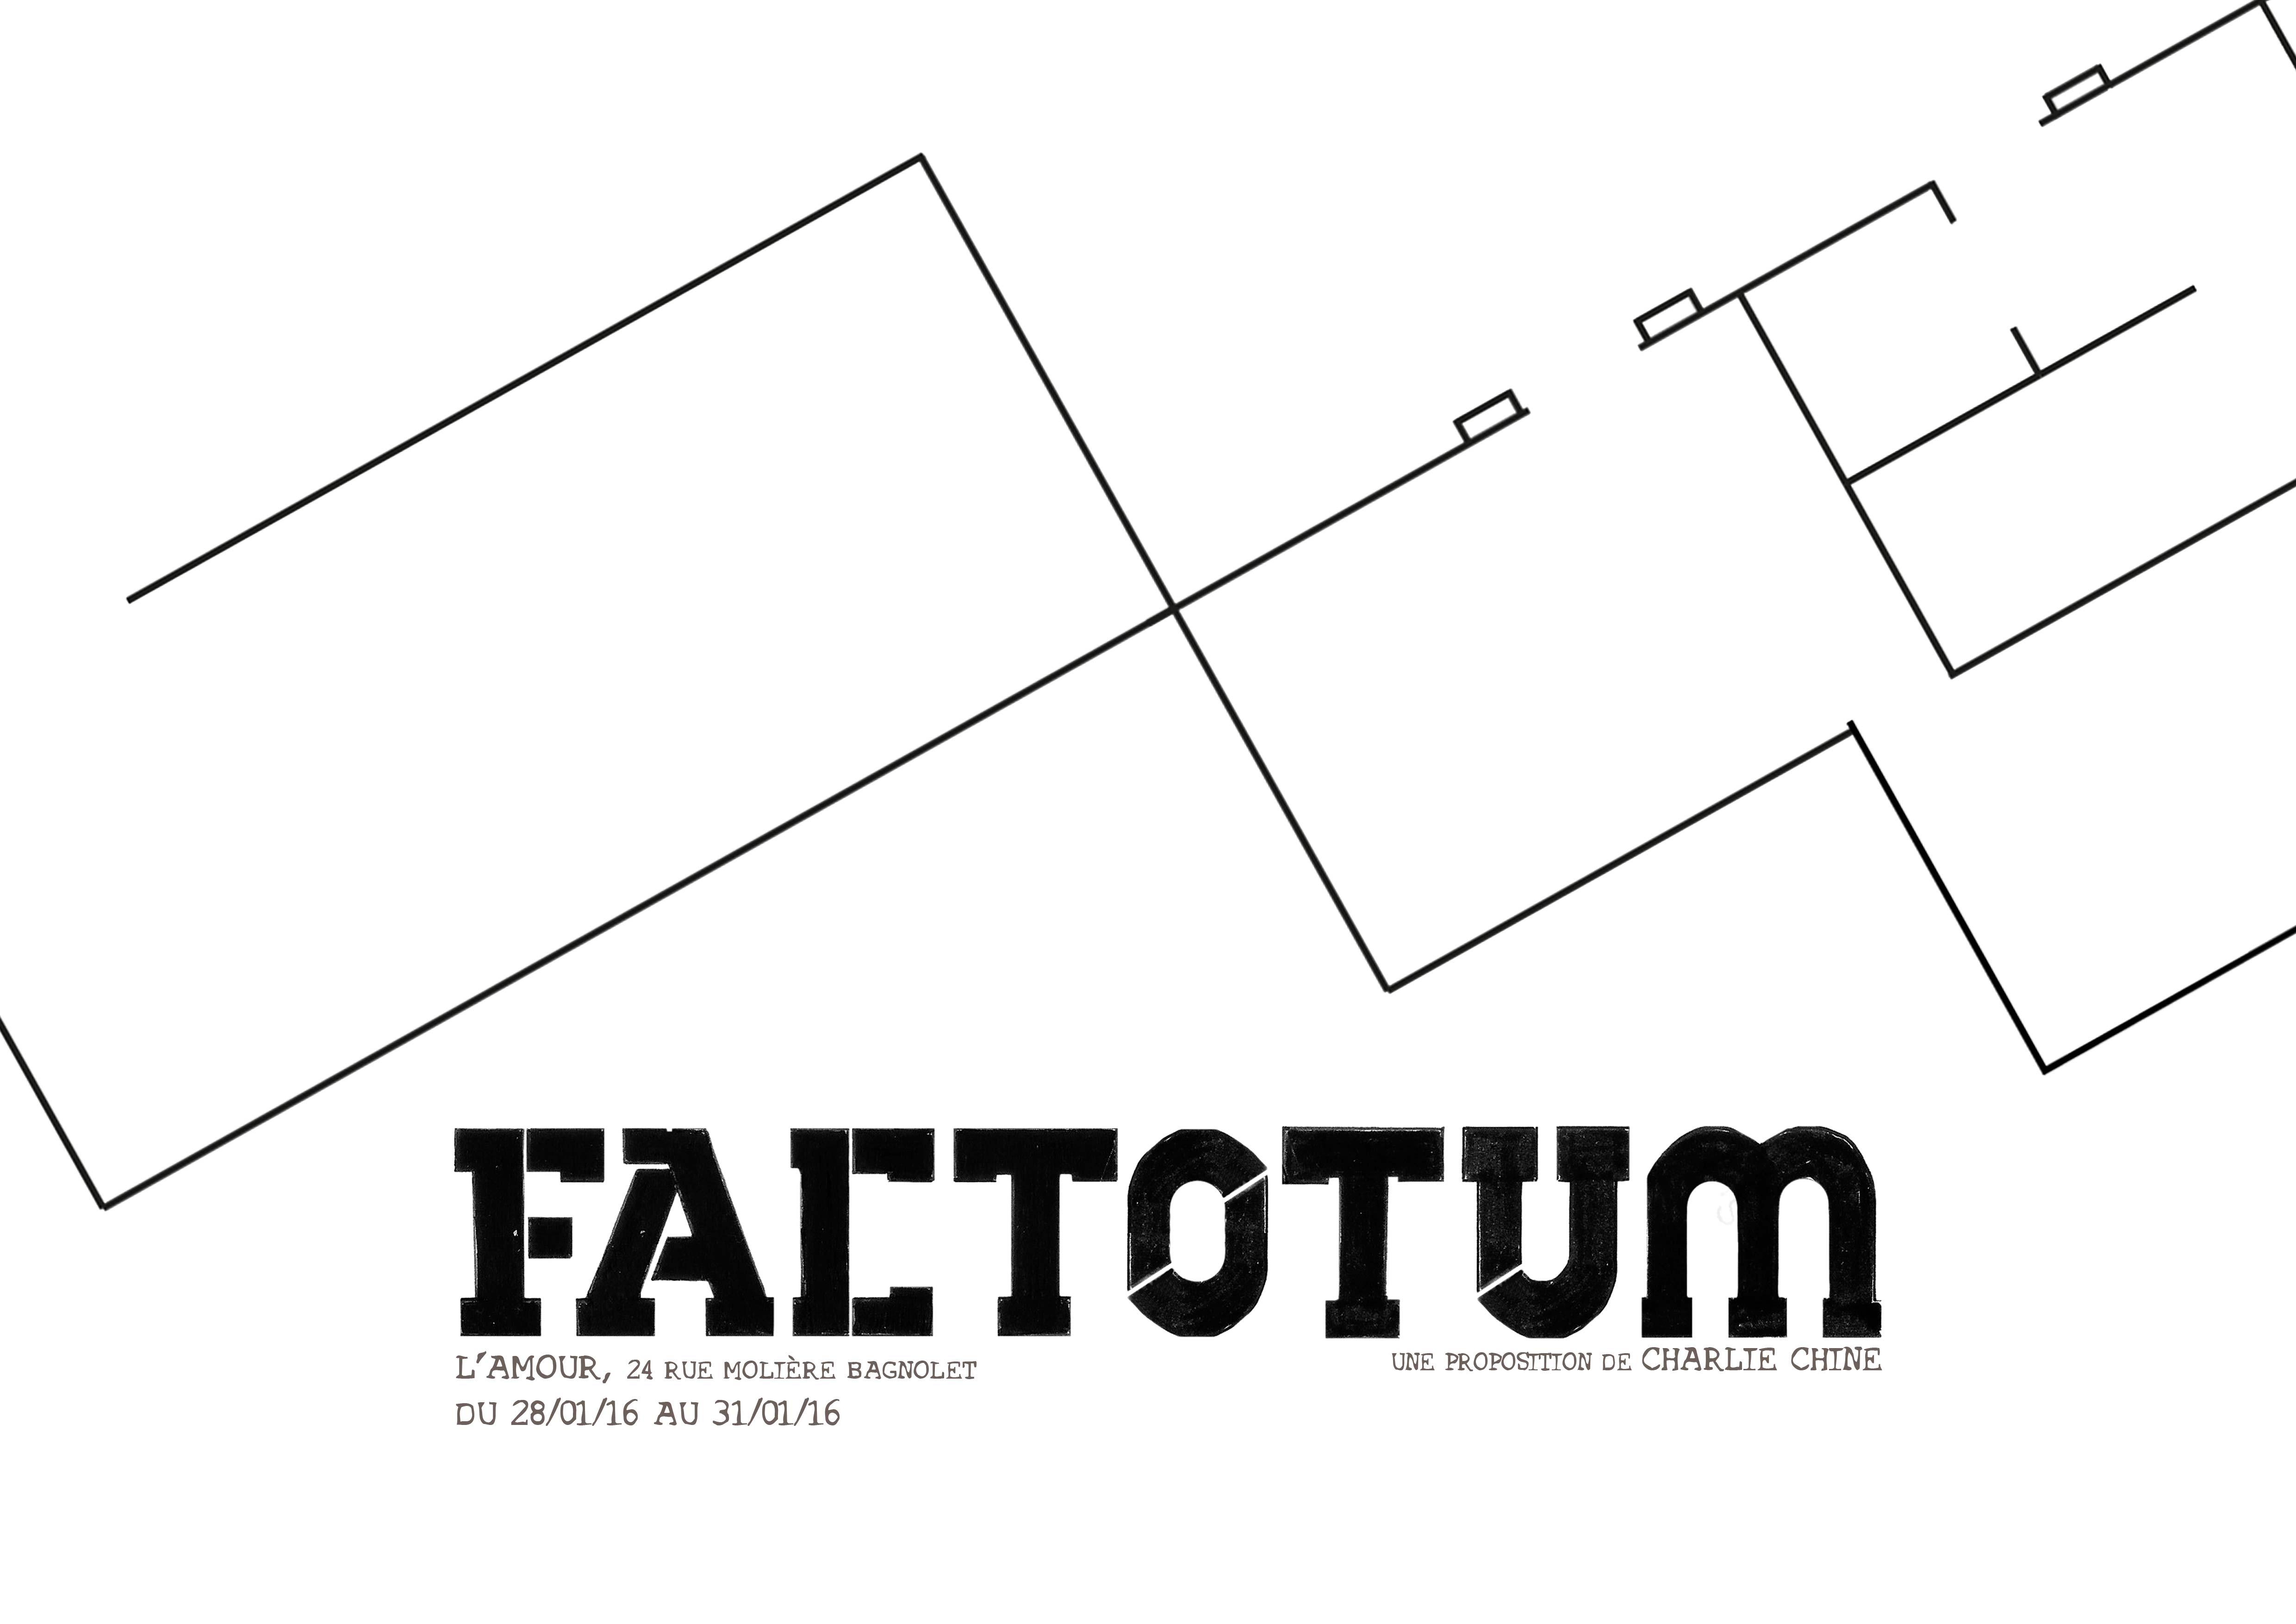 Factotum-logo-39-web